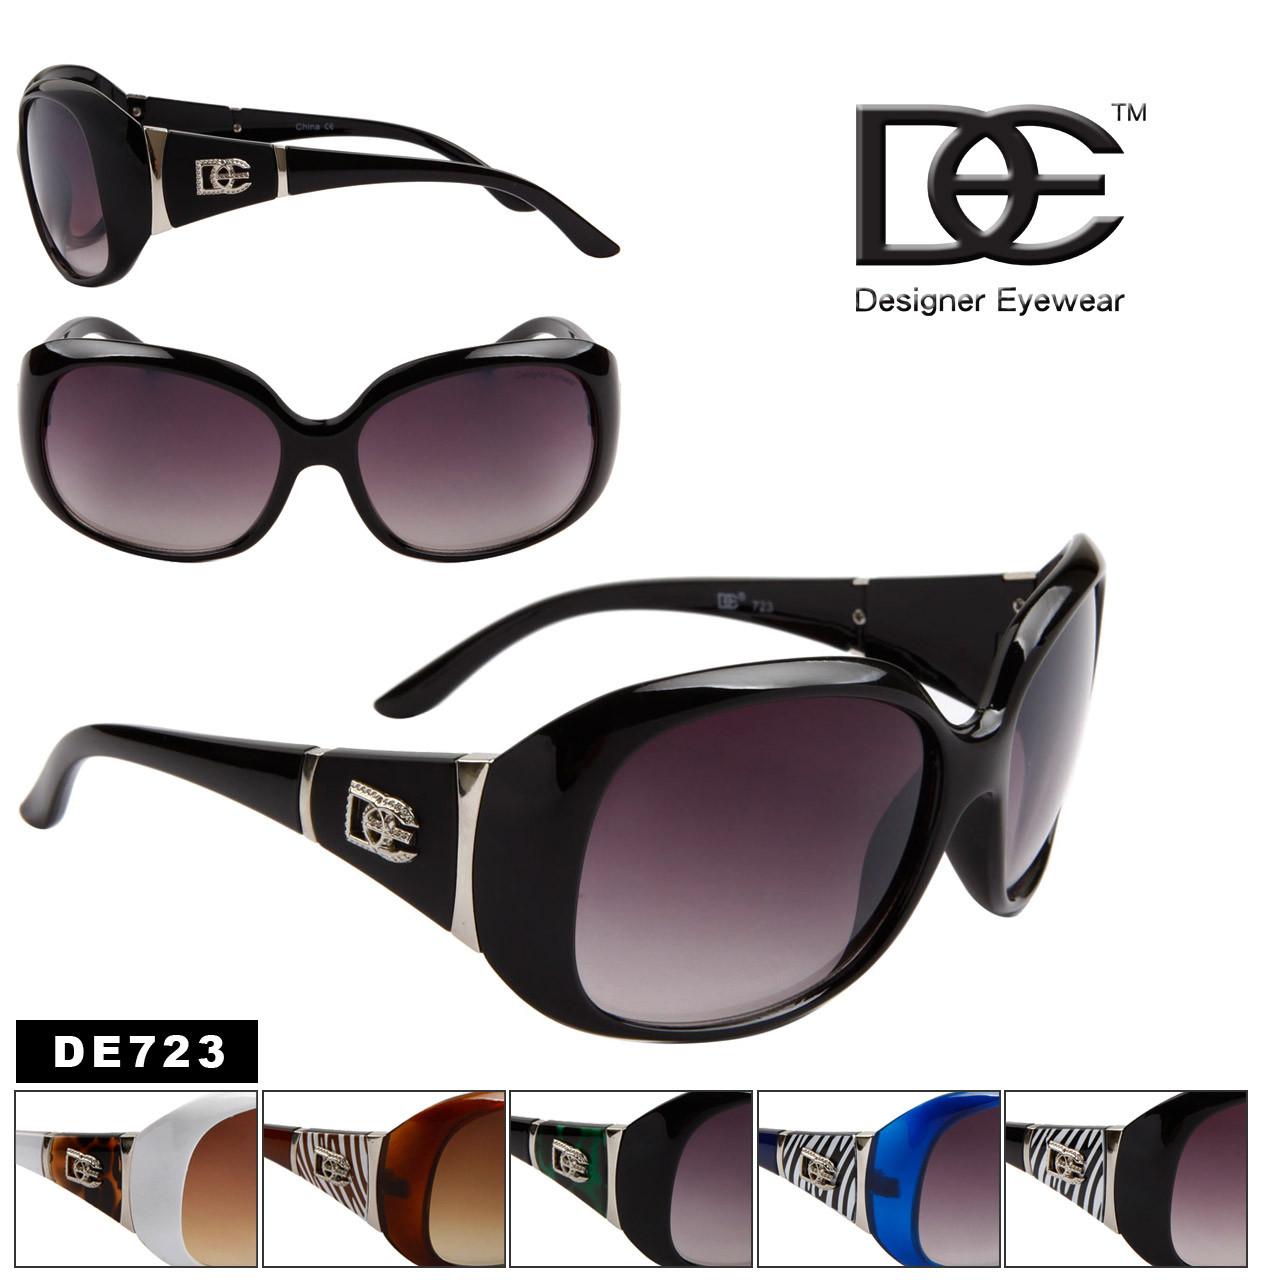 3069663c5 DE™ Designer Sunglasses Wholesale - Style # DE723 (12 pcs.)